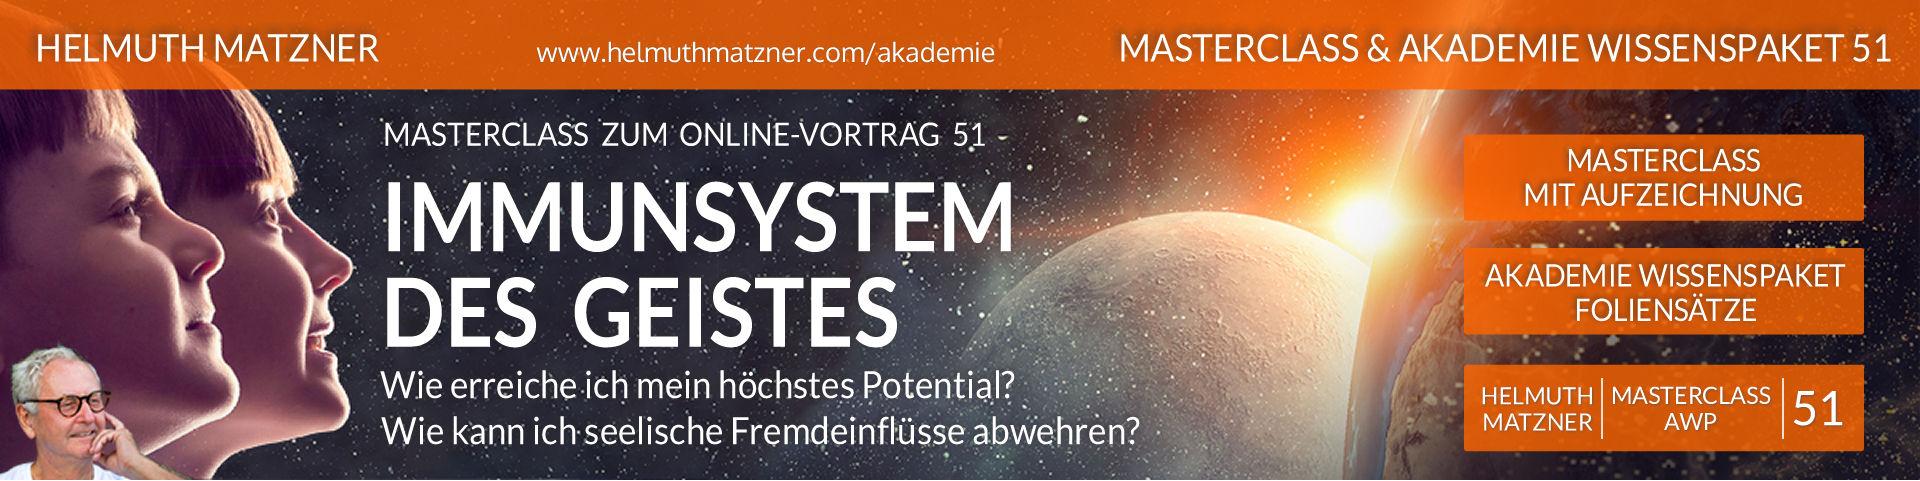 Helmuth Matzner - Masterclass & Akademie Wissenspaket 51 - Höchstes Potential - LP-Banner v09B